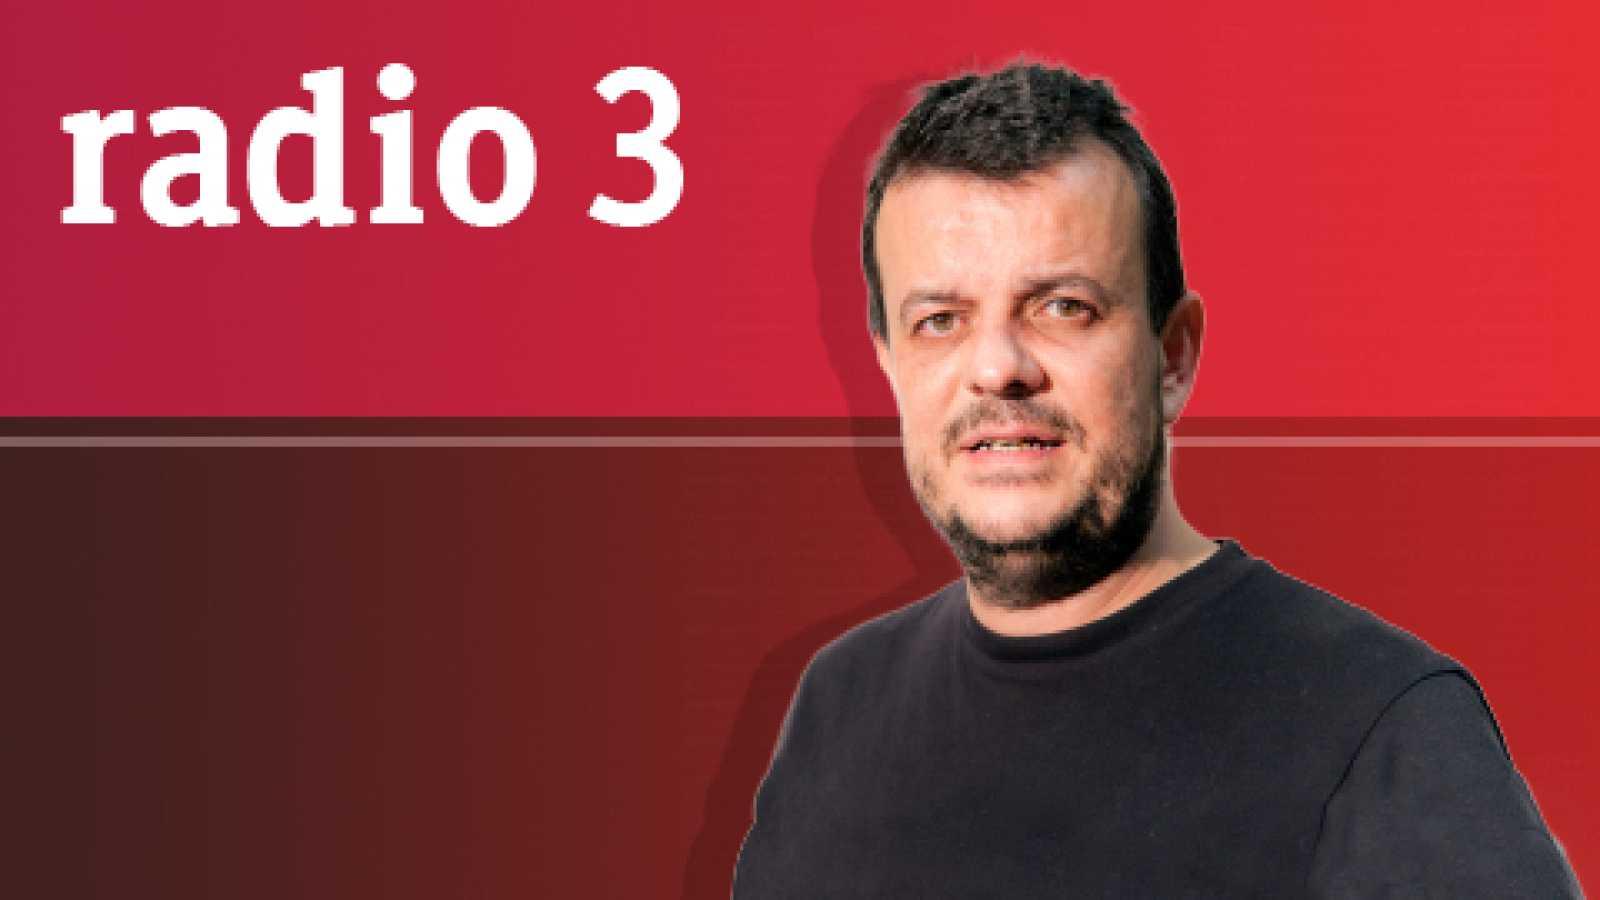 """Sateli 3 - Music Non-Stop Sessions: Julio """"Malandar"""" Moreno (Sevilla) - 12/03/21 - escuchar ahora"""